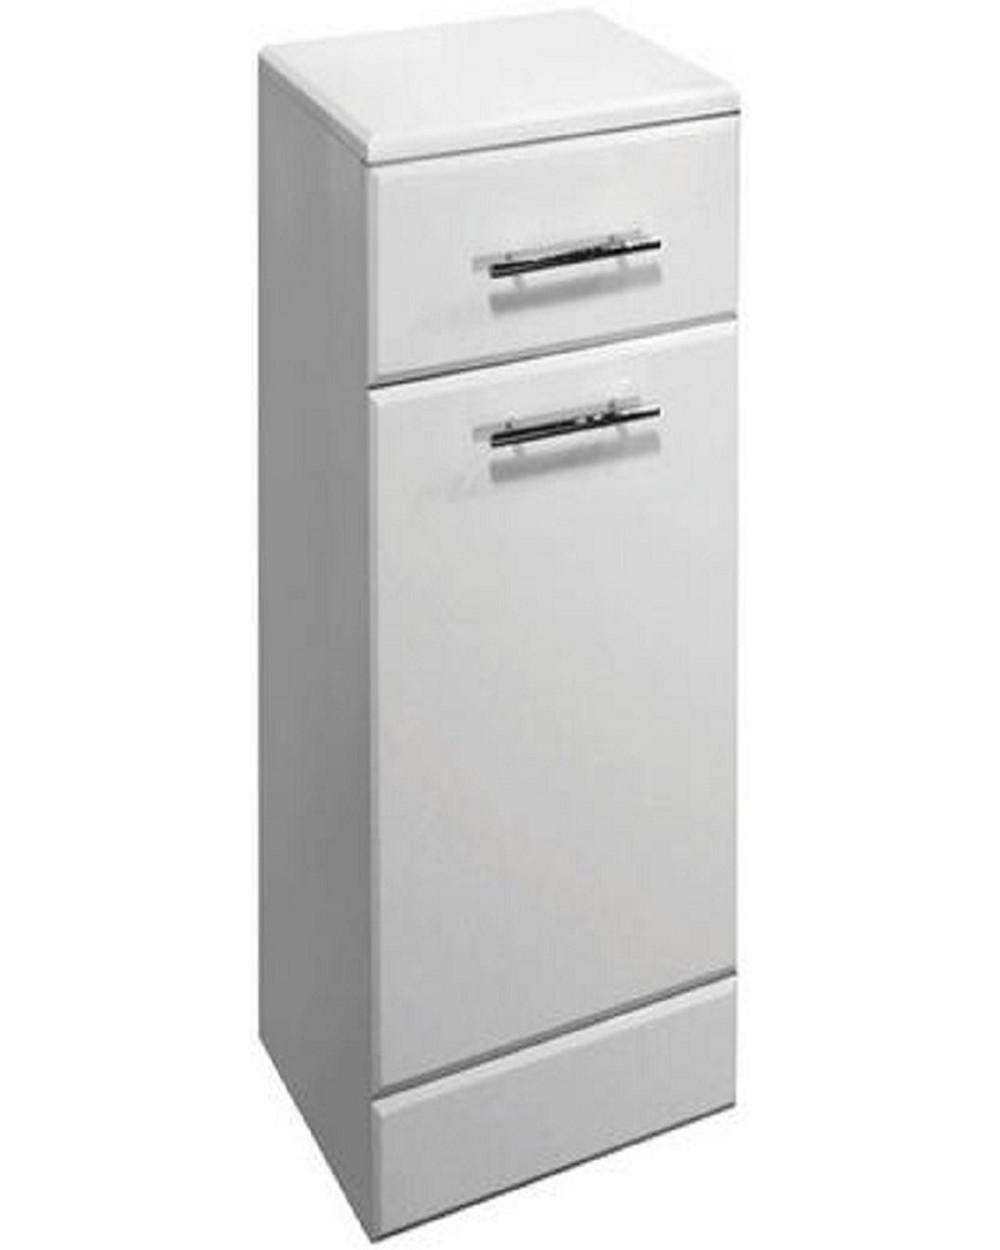 esprit-cupboard-unit-300mm-esfc30w.jpg